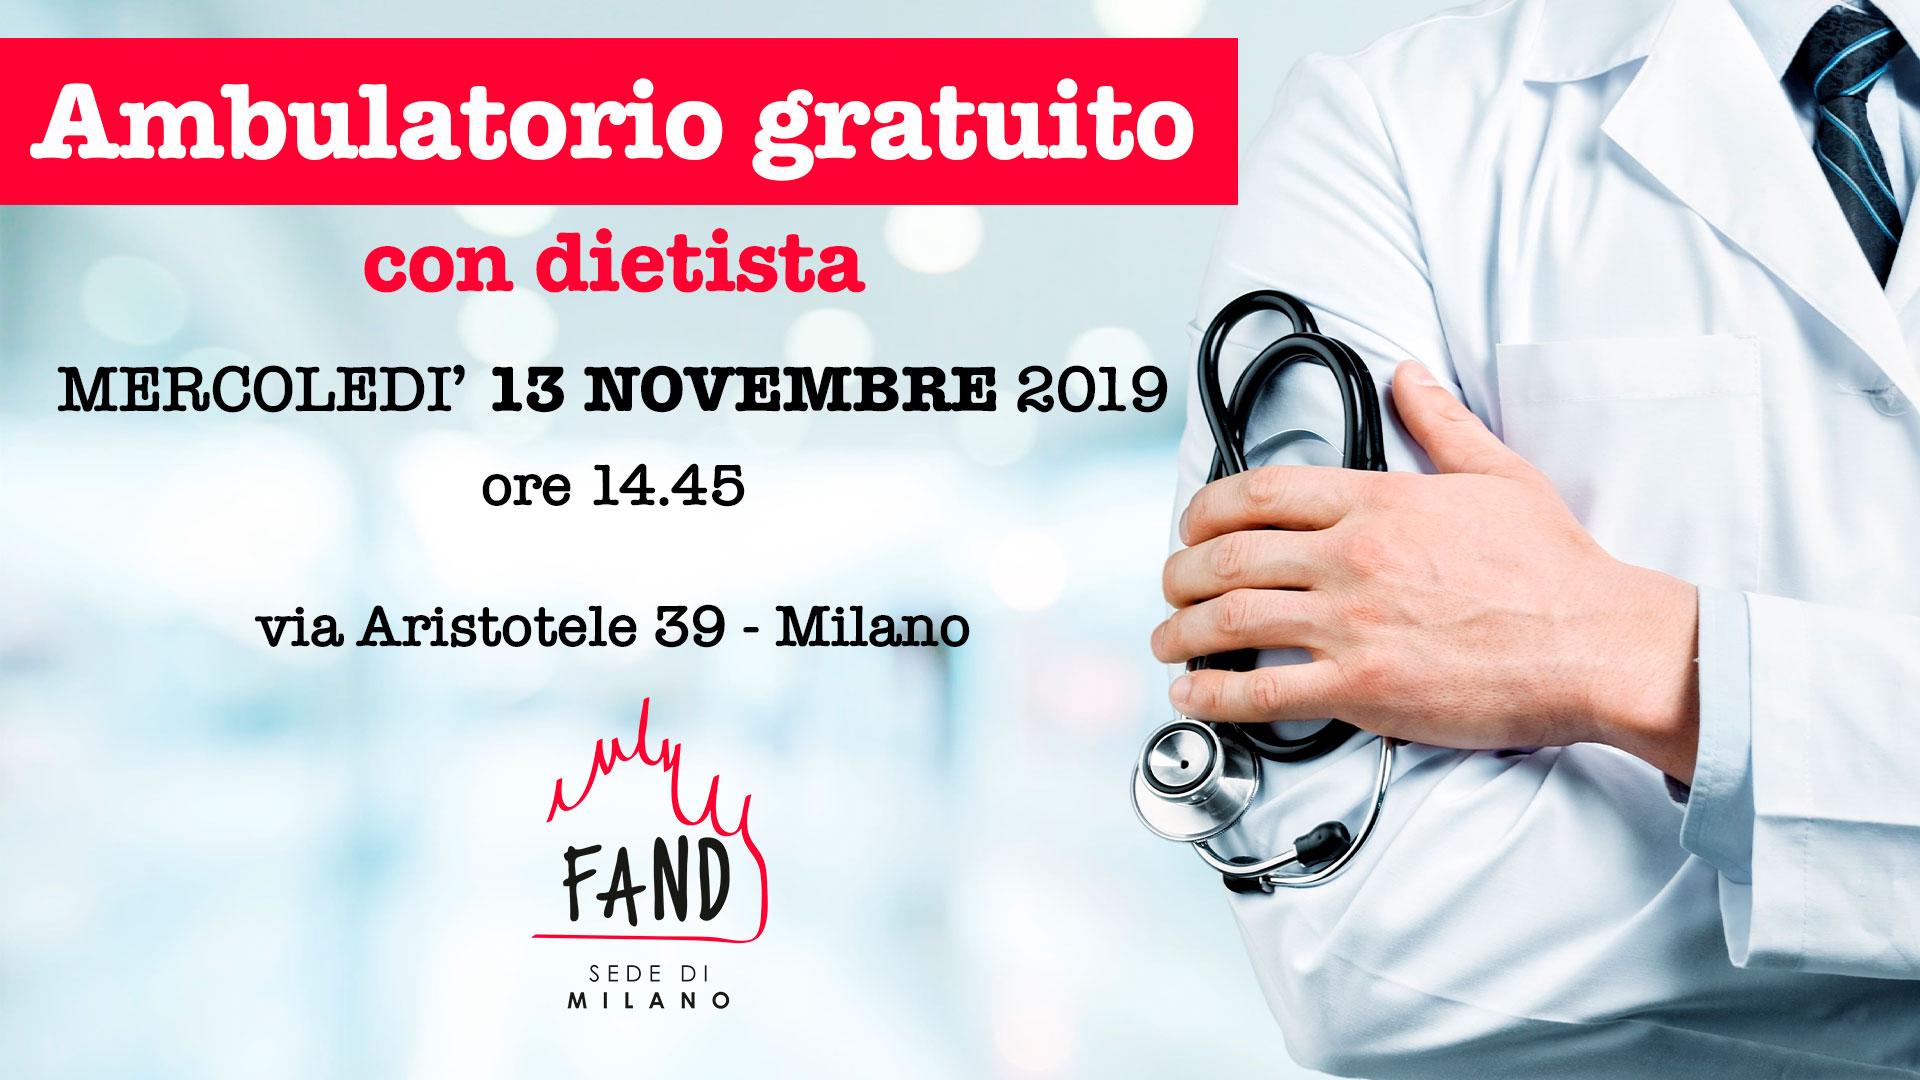 13 novembre - Ambulatorio gratuito con dietista